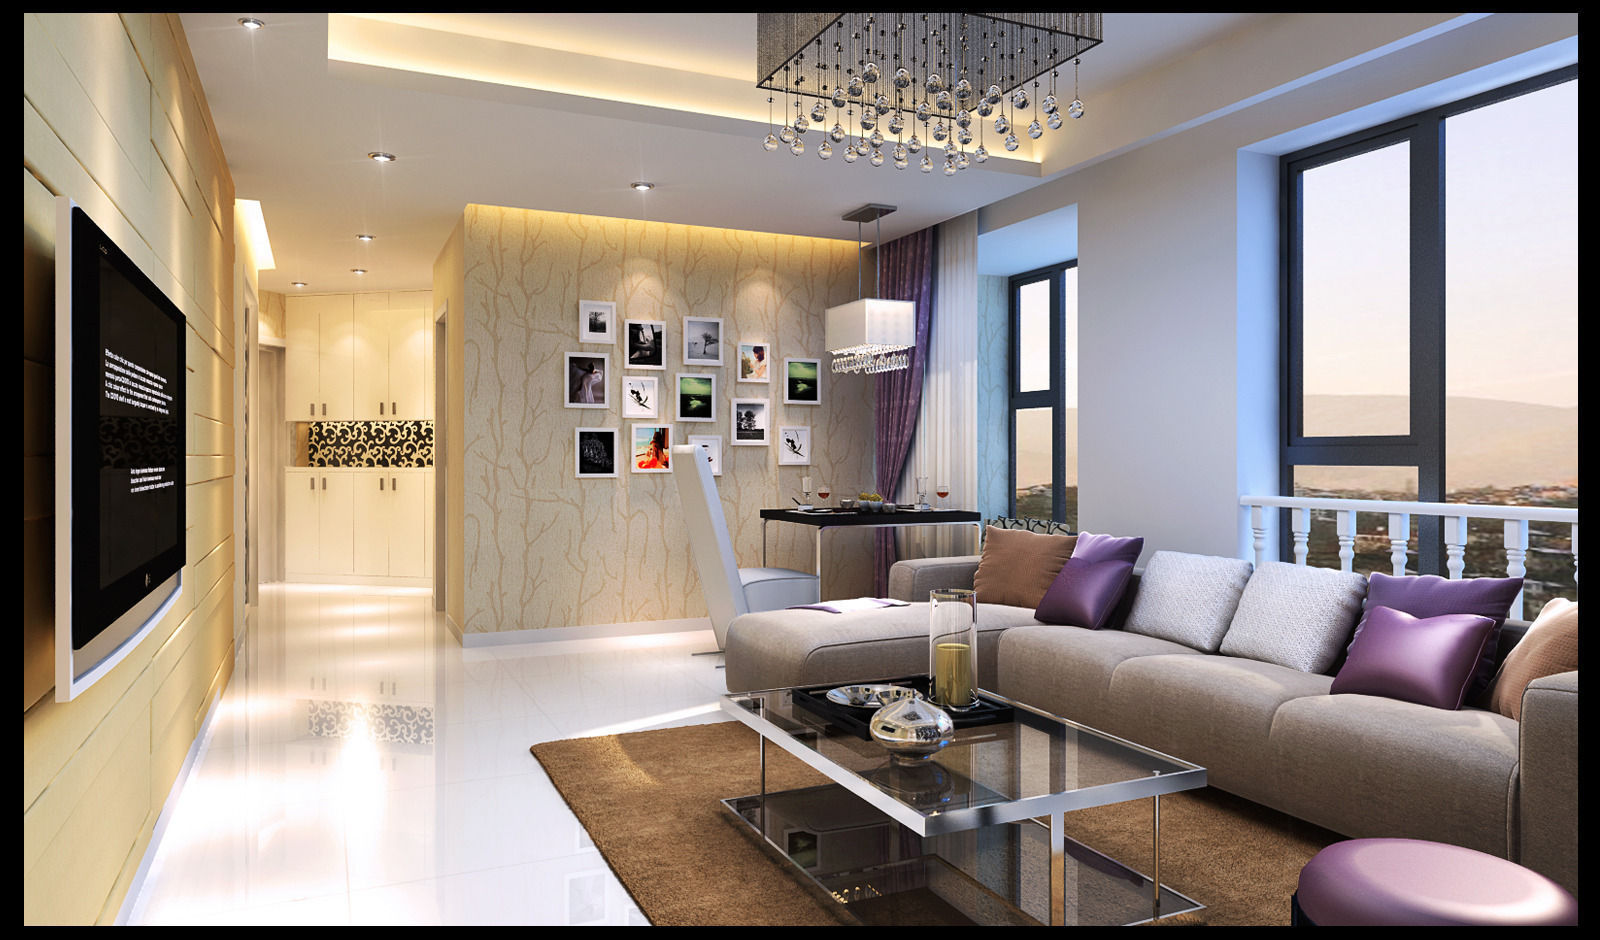 Realistic Living Room Design 82 3D Model .max